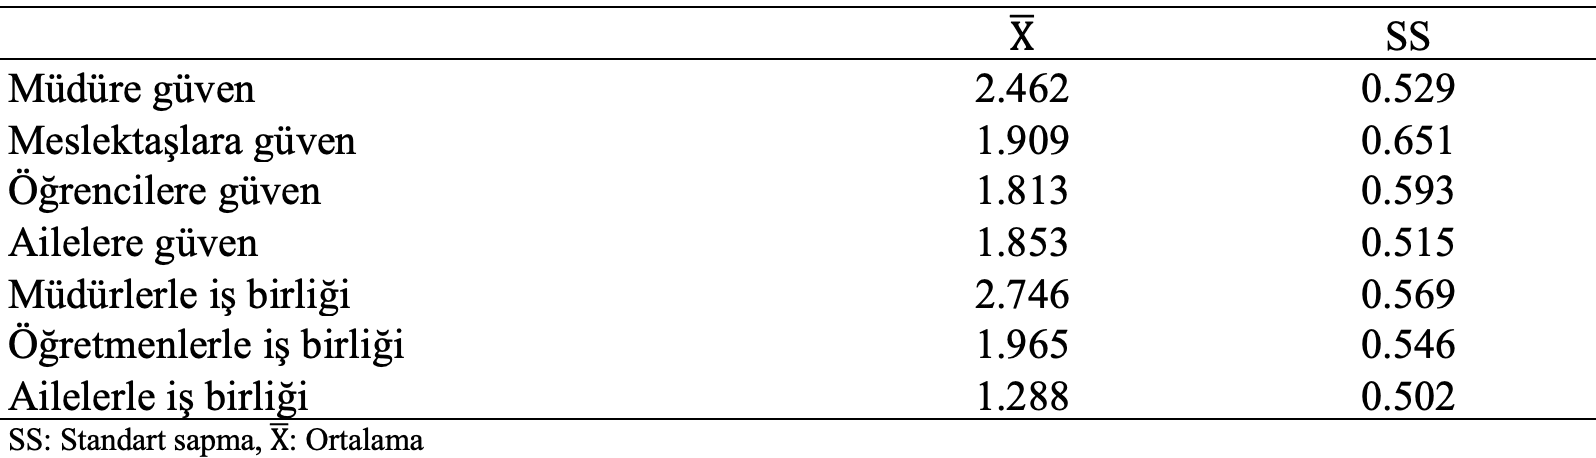 örgütsel güven işbirliği tanımlayıcı istatistikler